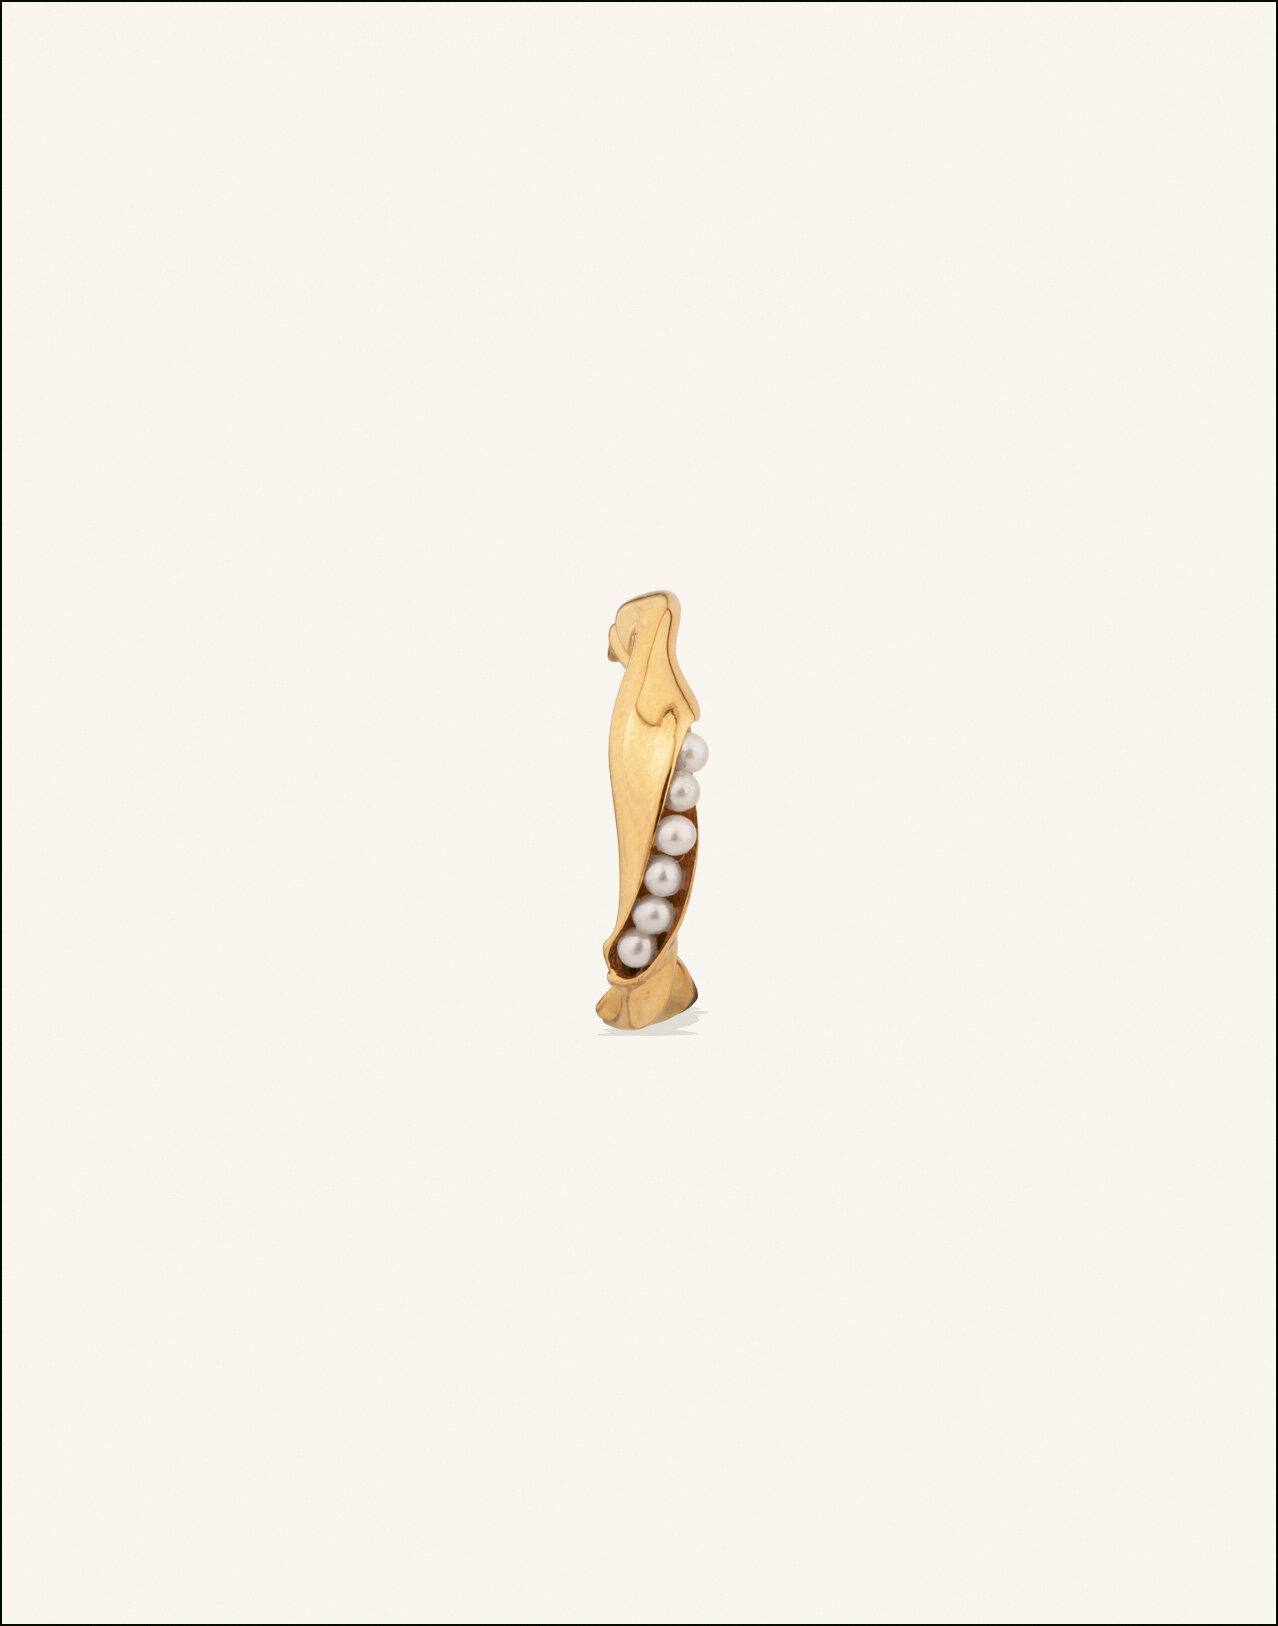 Completedworks-Gold-Vermeil-Ear-Climber-Good-Neighbours-1.jpg